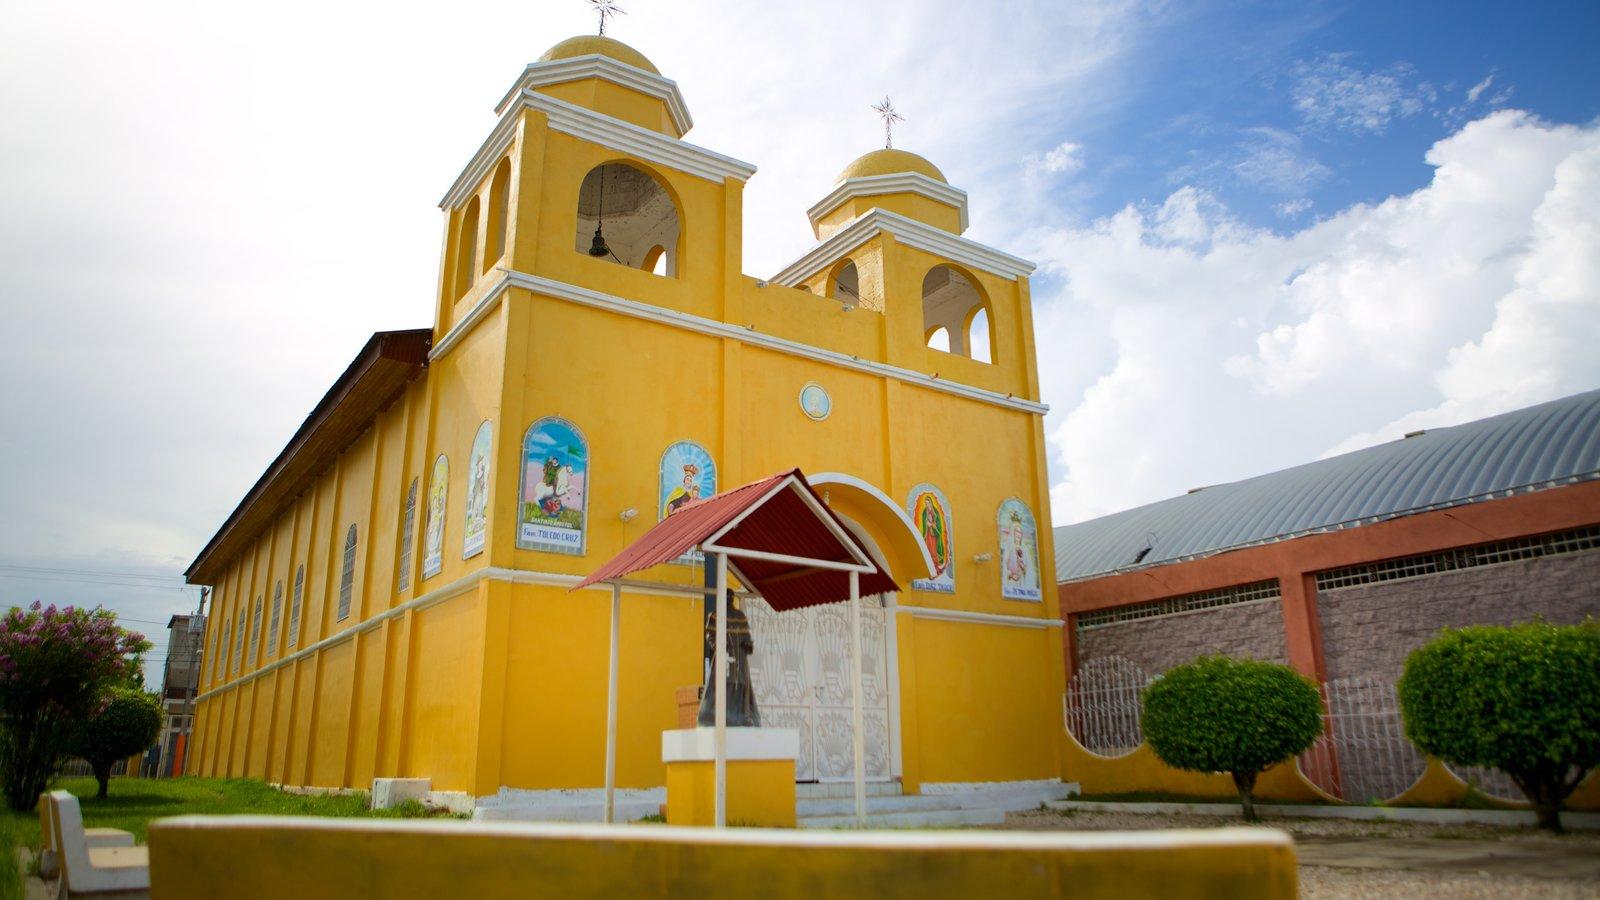 Santa Elena mostrando uma igreja ou catedral, arquitetura de patrimônio e aspectos religiosos